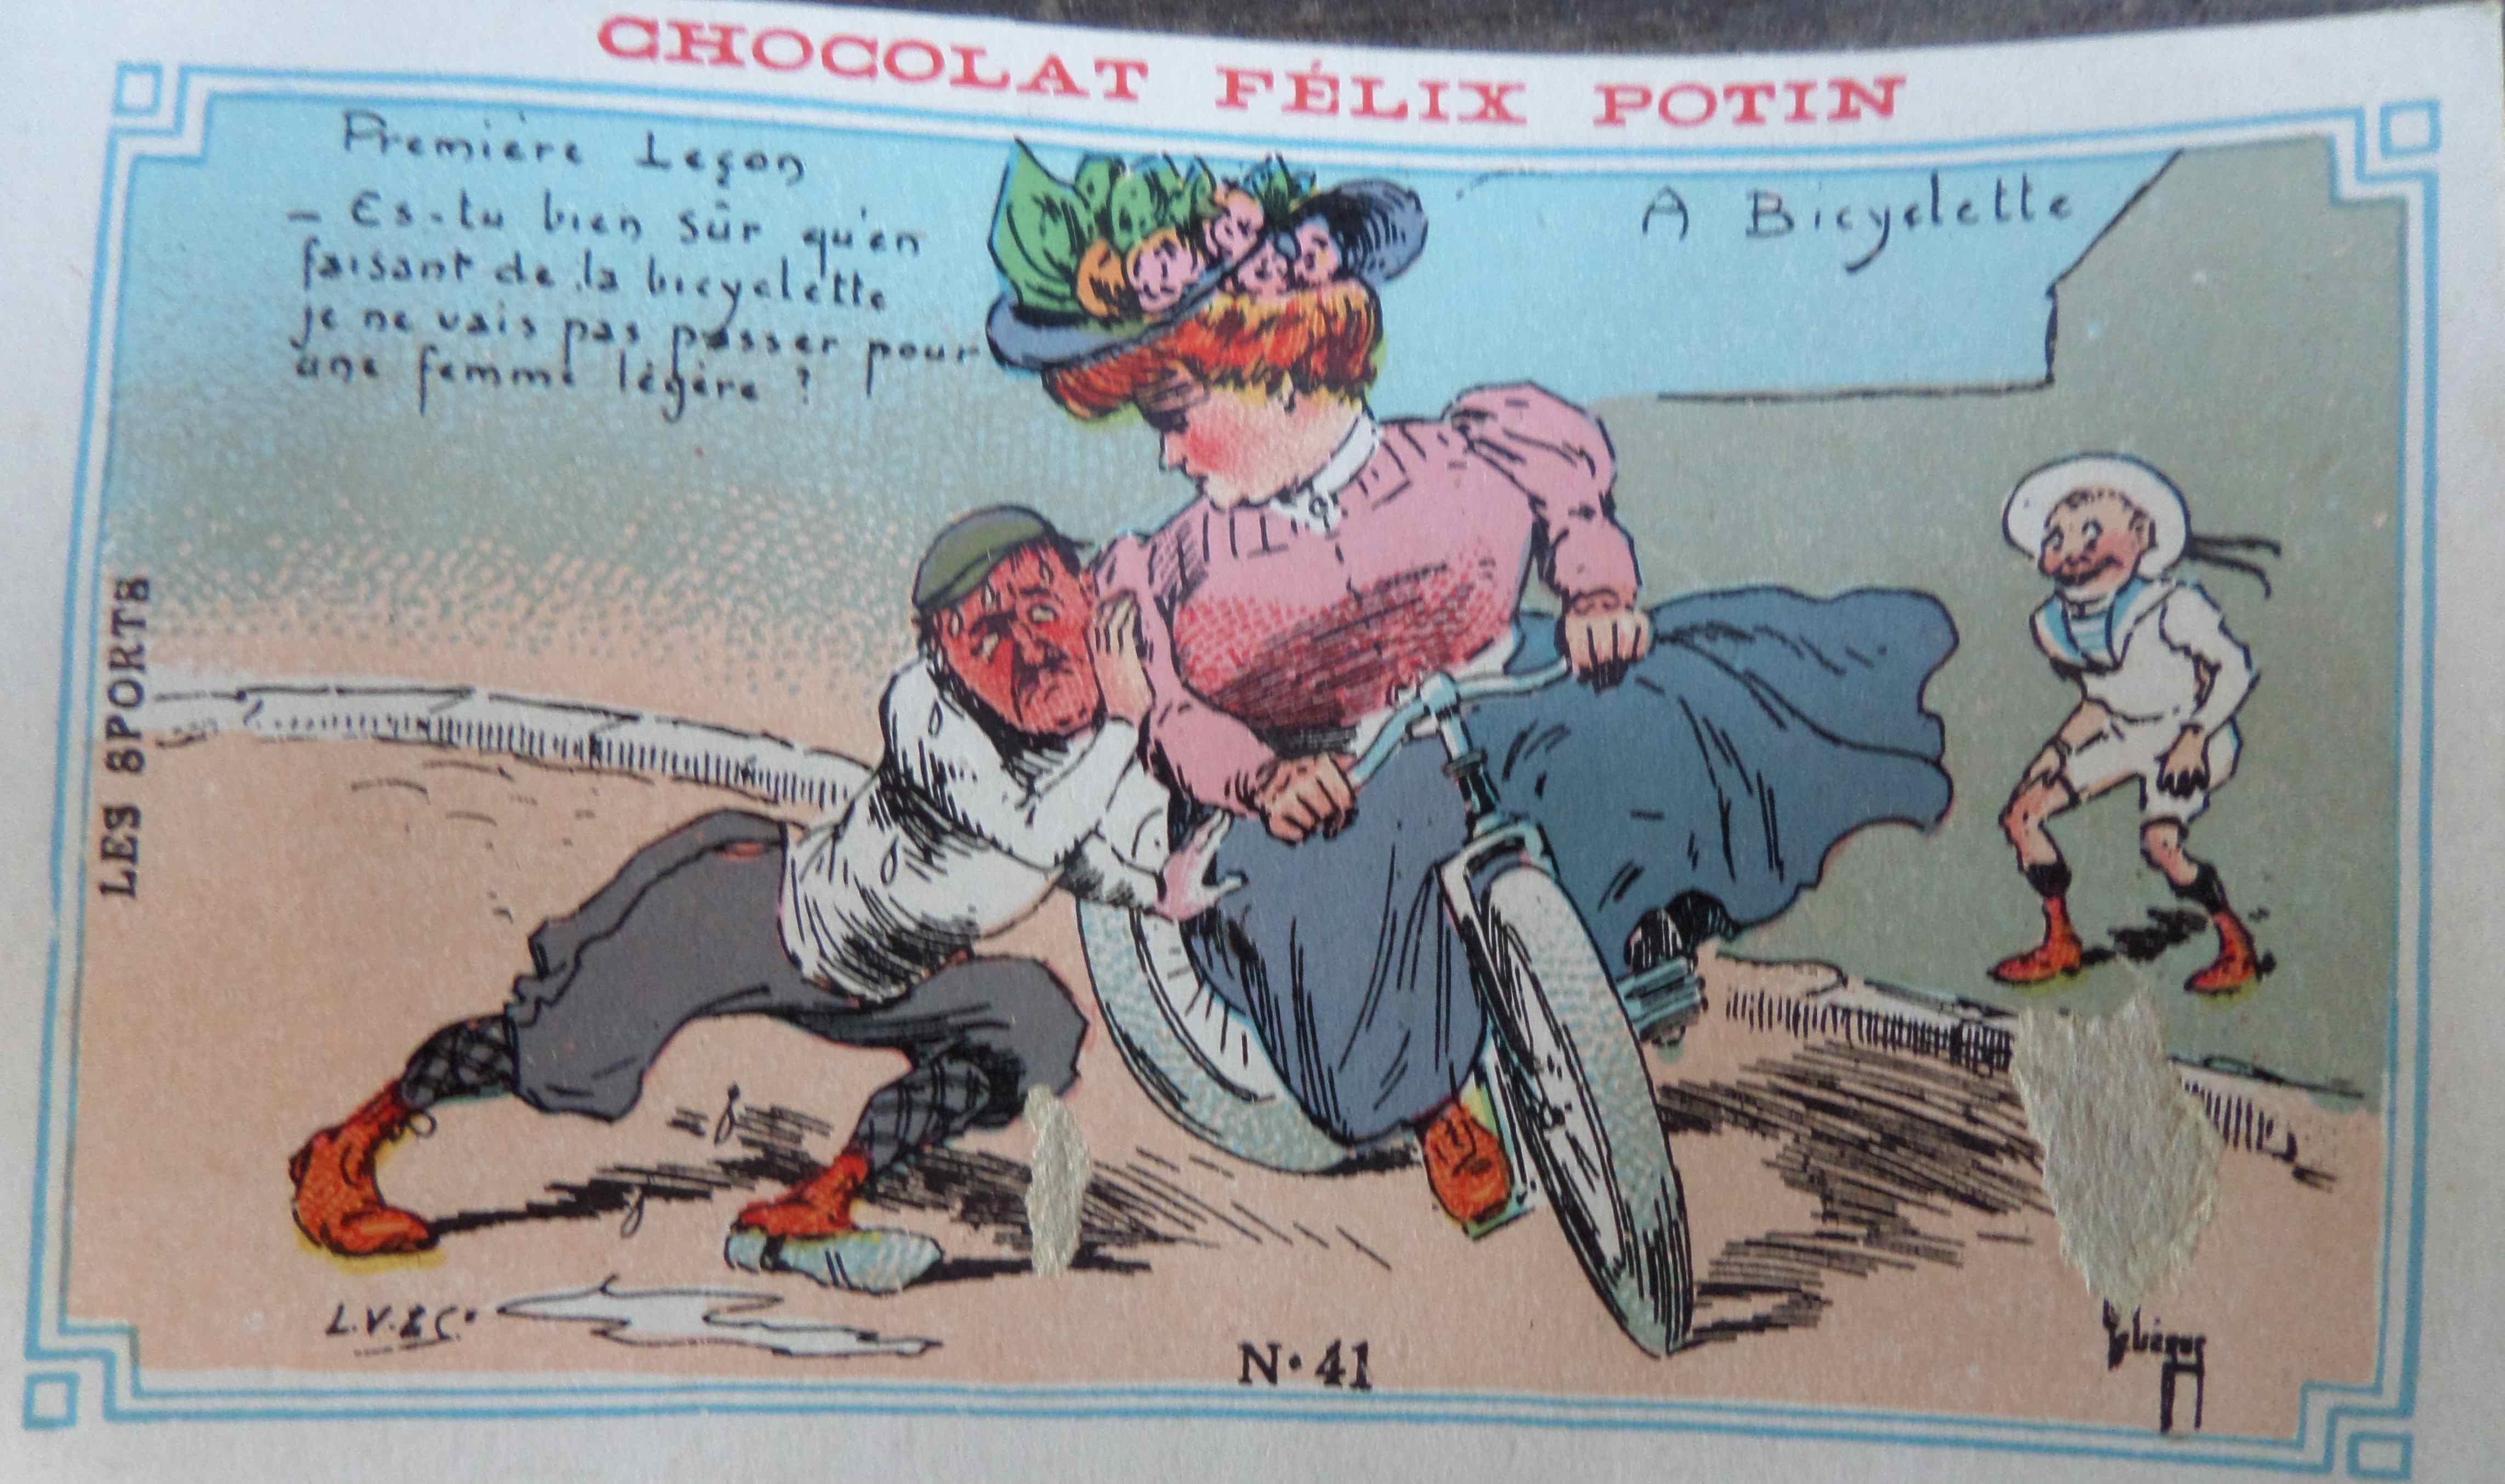 Bicyclette et rugby des images humoristiques f lix potin un monde de papiers - Dessin cycliste humoristique ...